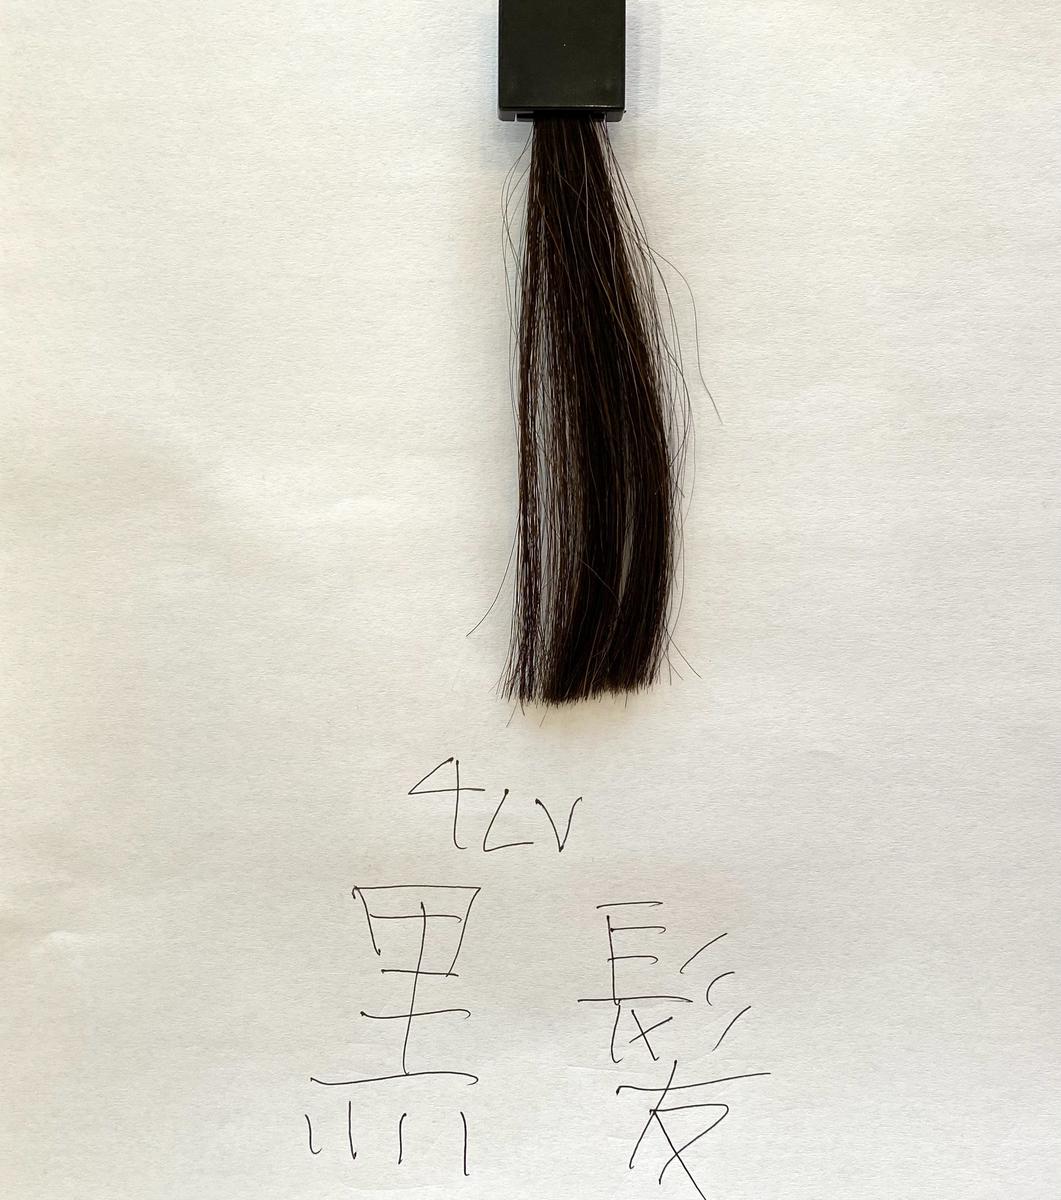 染める前の黒髪の毛束